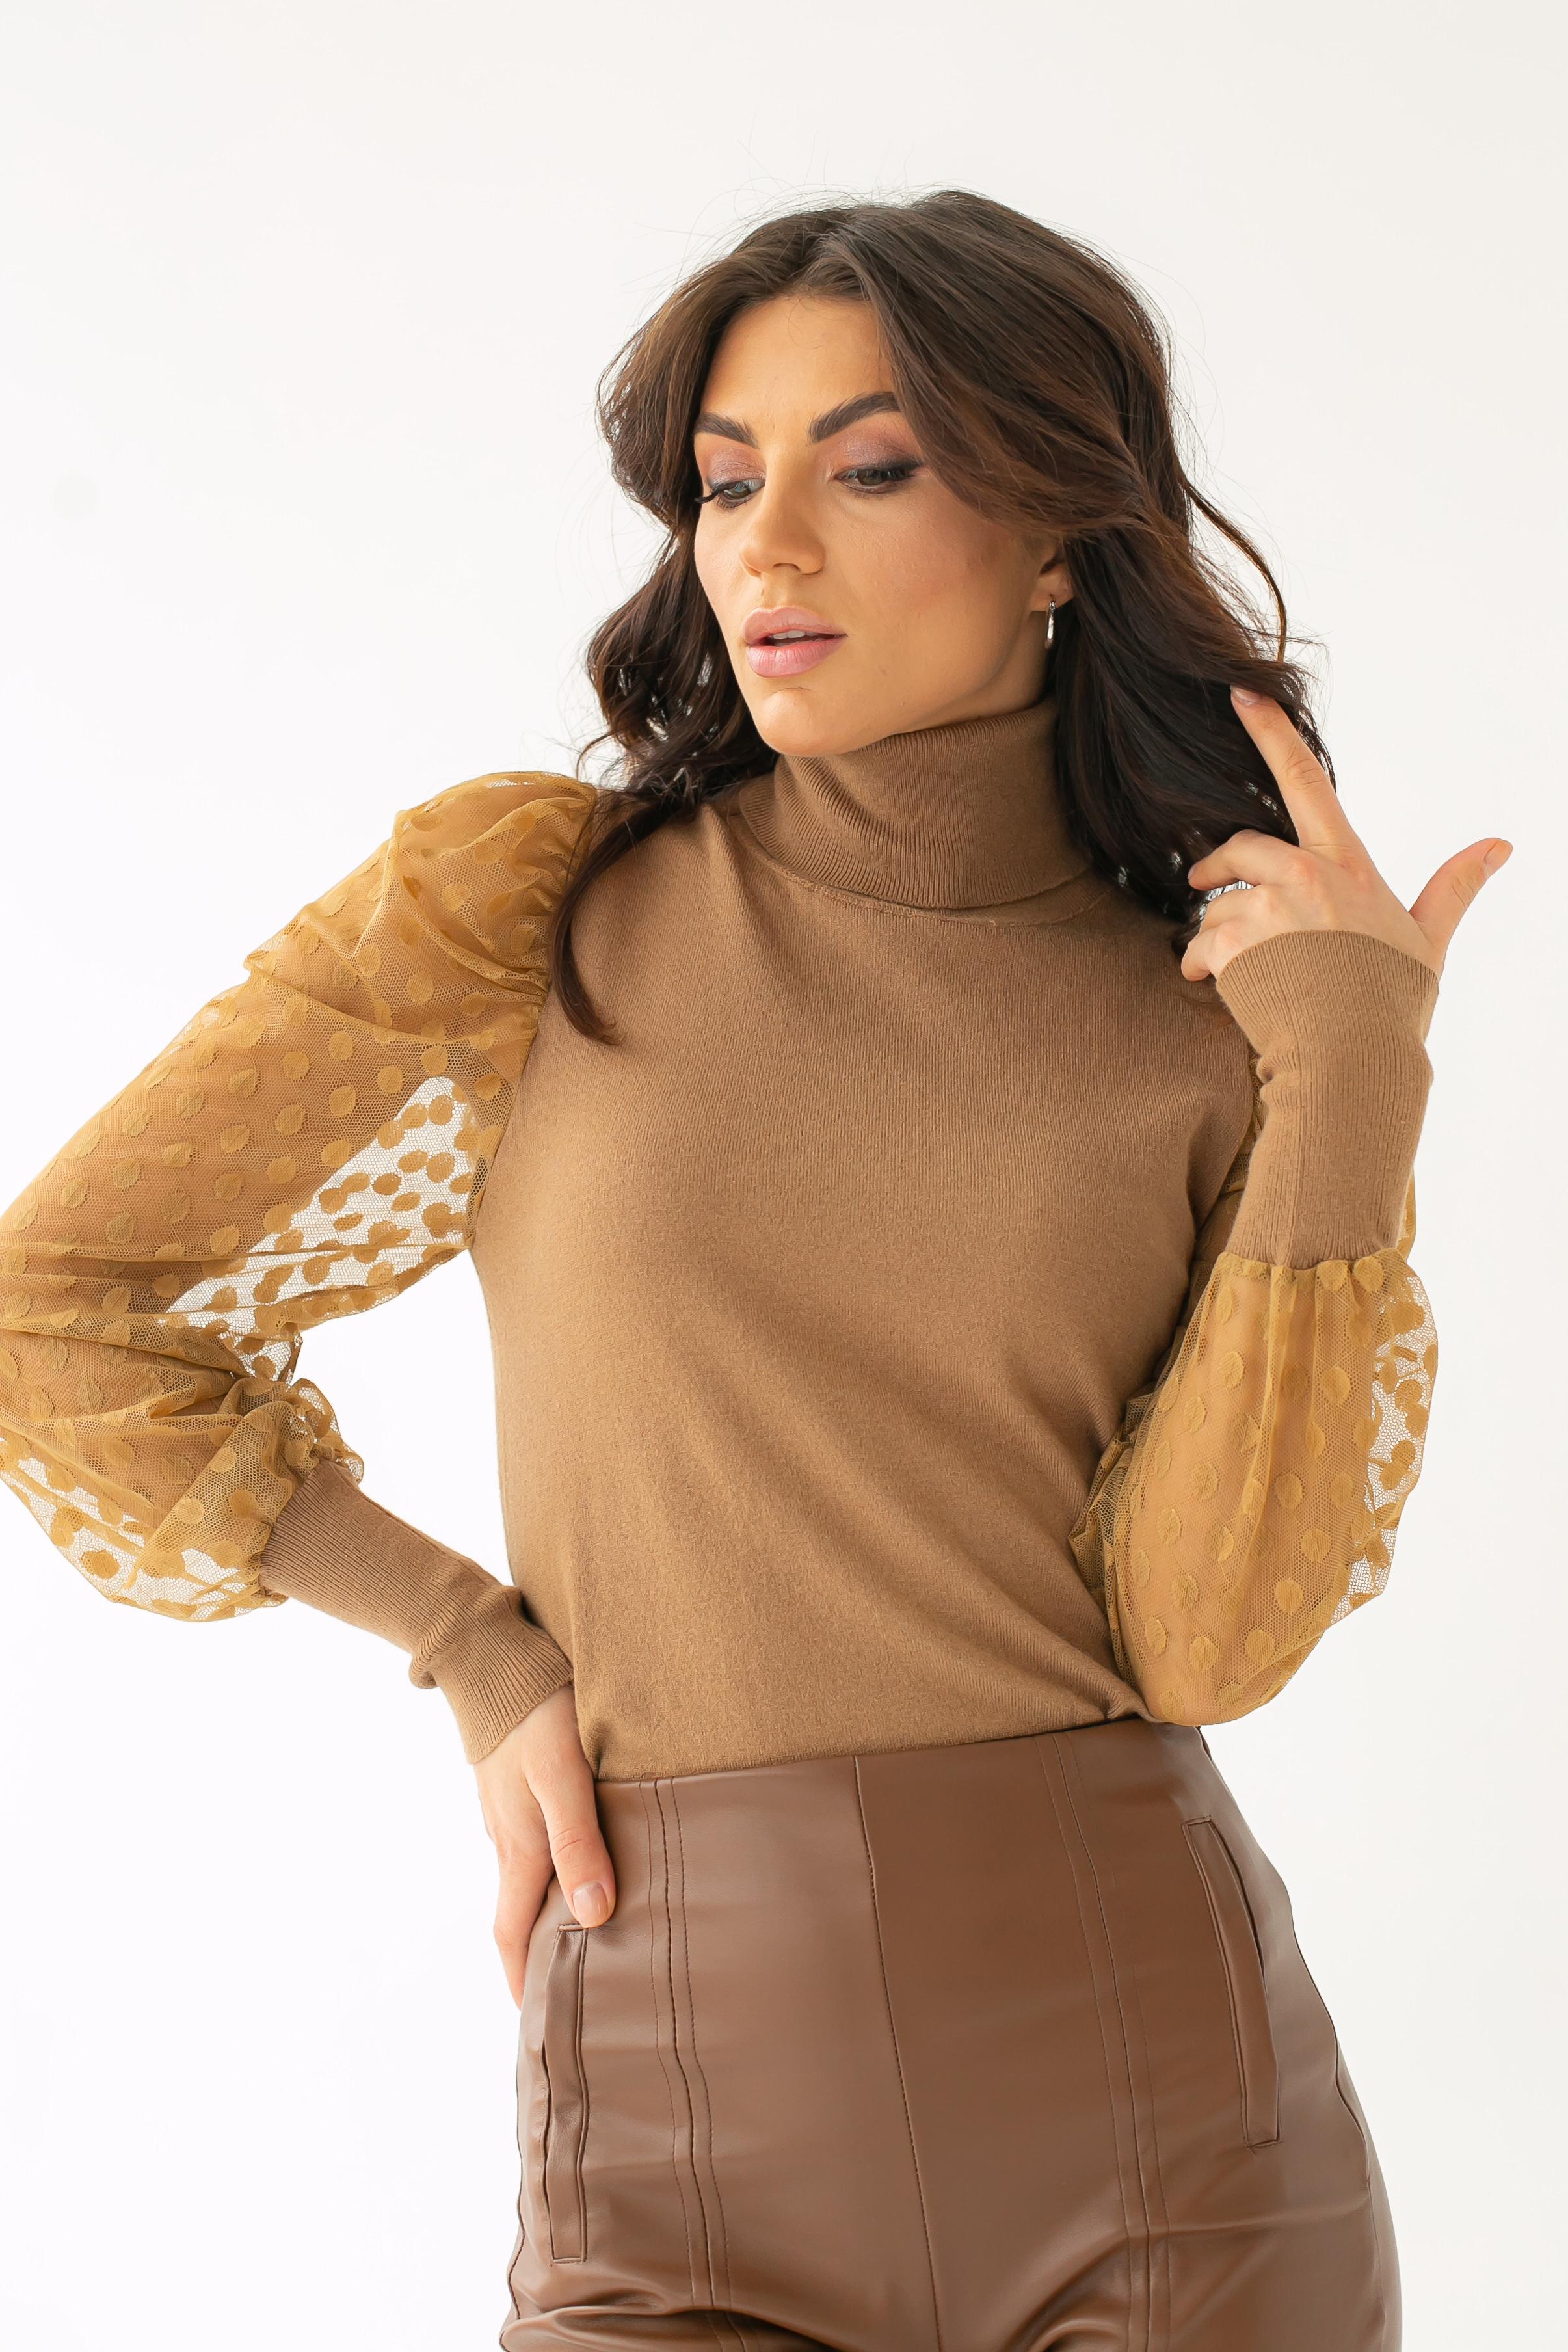 Роскошный свитер с ажурными рукавами декорированными принтом горох Jasmine - кофейный цвет